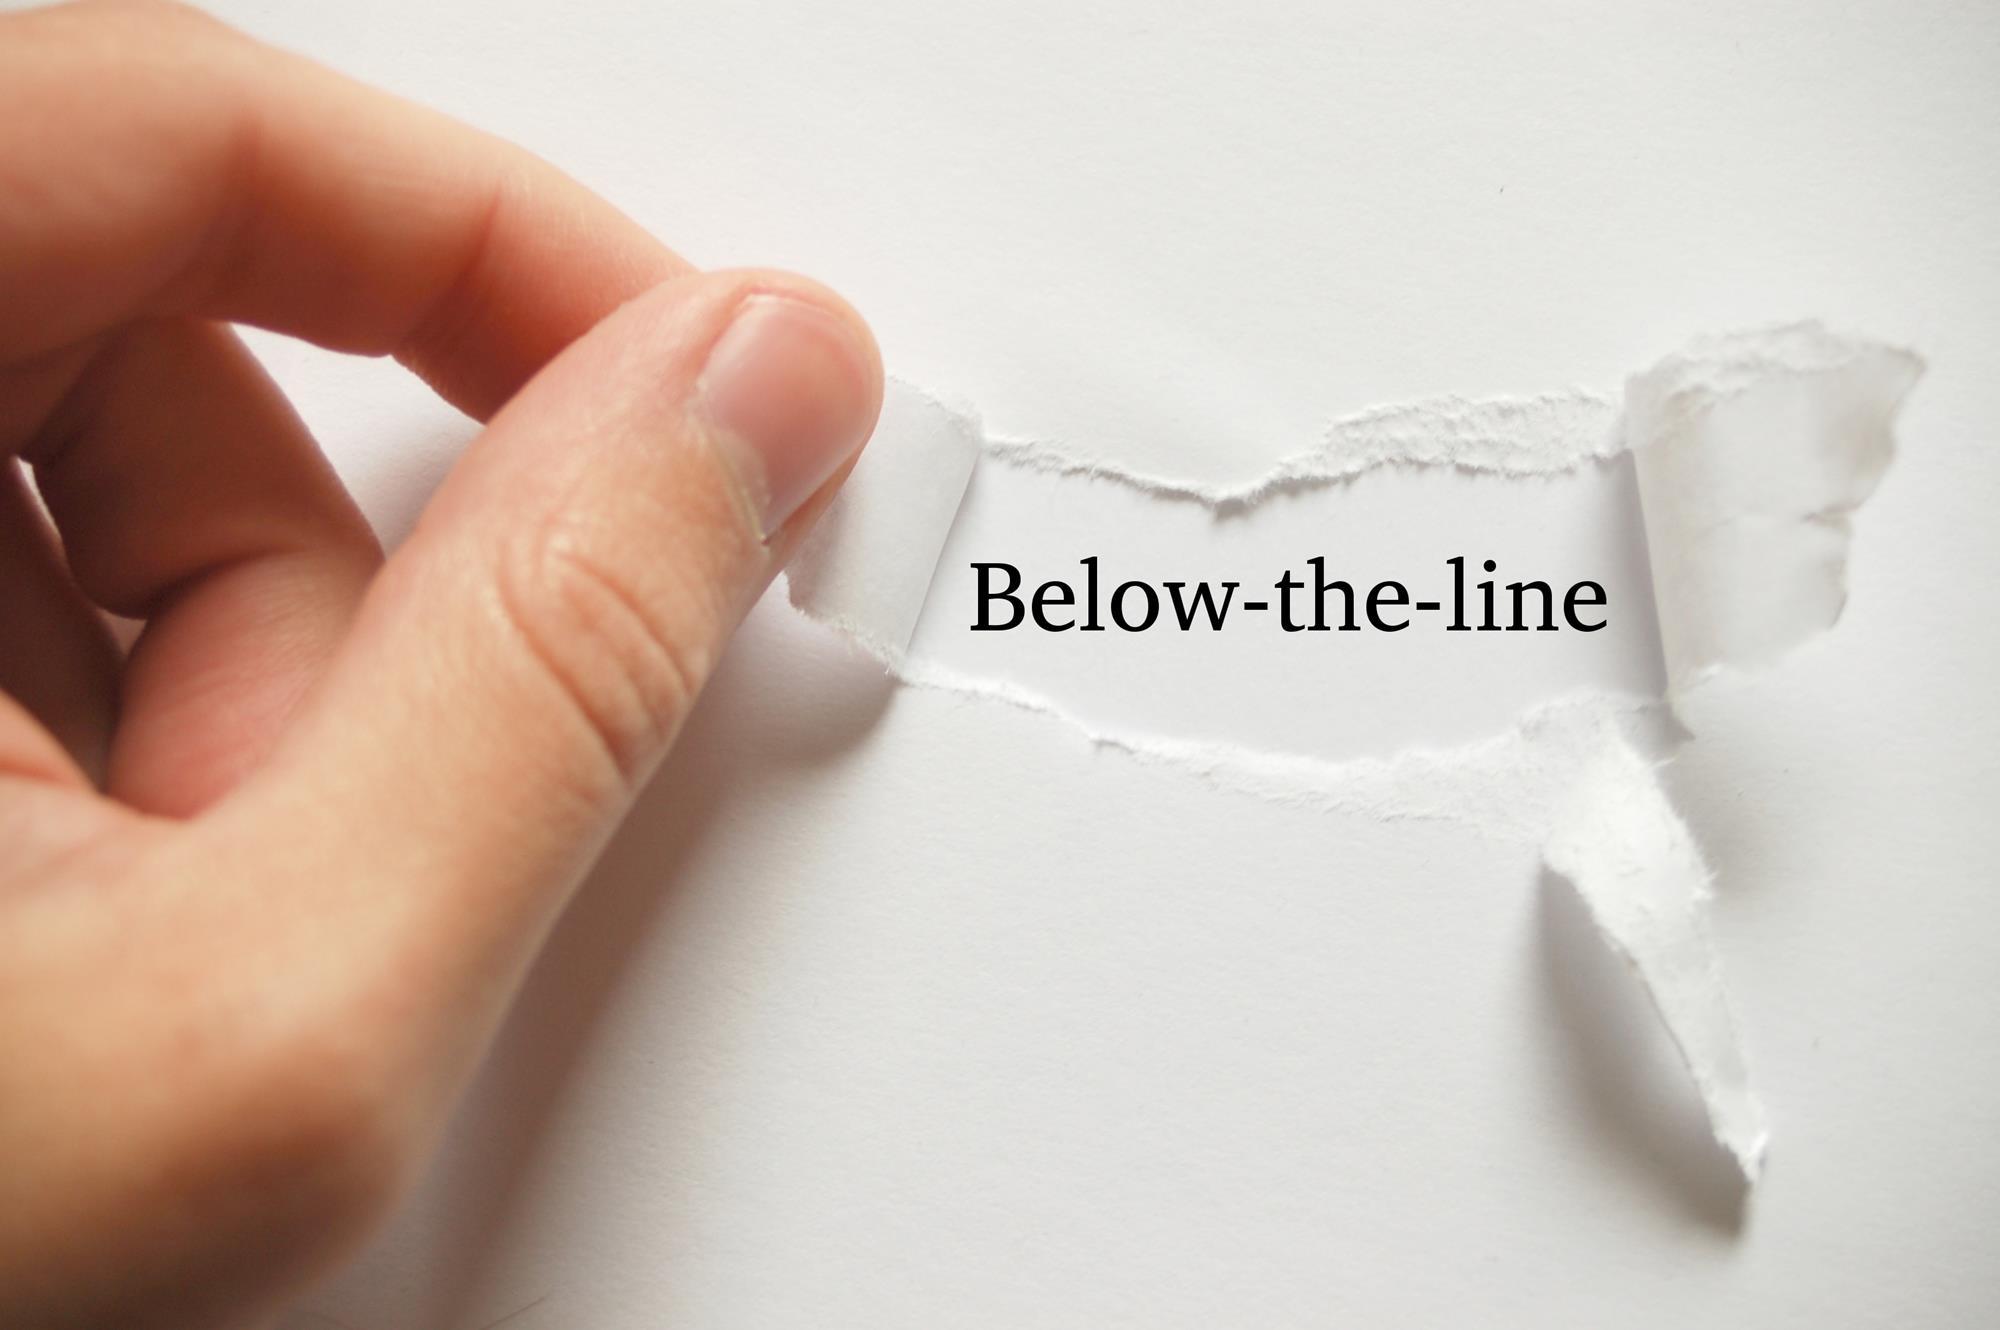 Dłoń odsłaniająca napis below the line